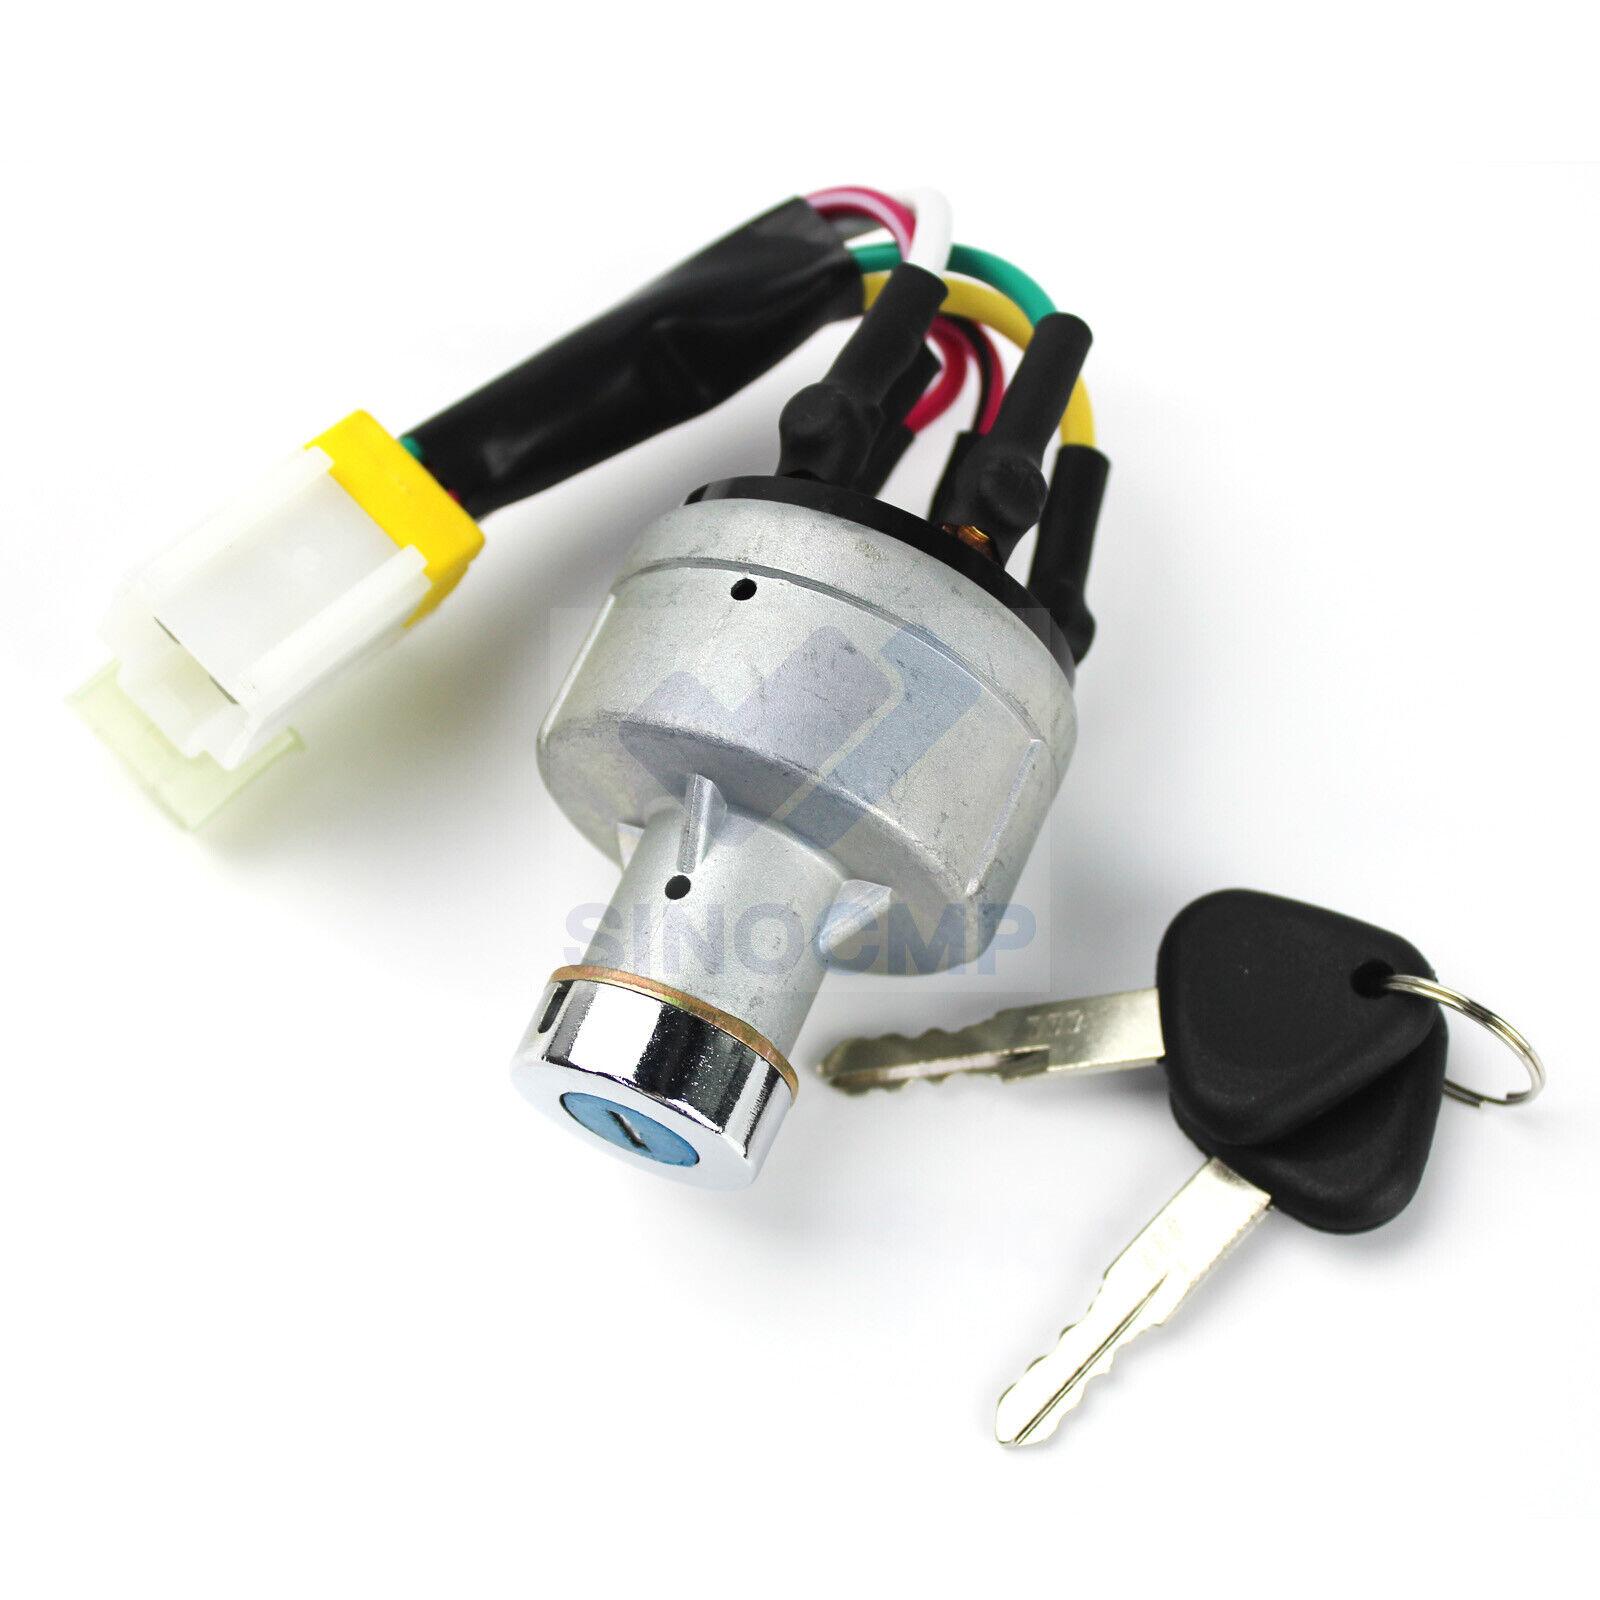 PANGOLIN 14562193 VOE14562193 Pressure Sensor for Volvo EC210 EC240 EC290 EC330 EC360 Pressure Sensor Switch Excavator Spare Parts